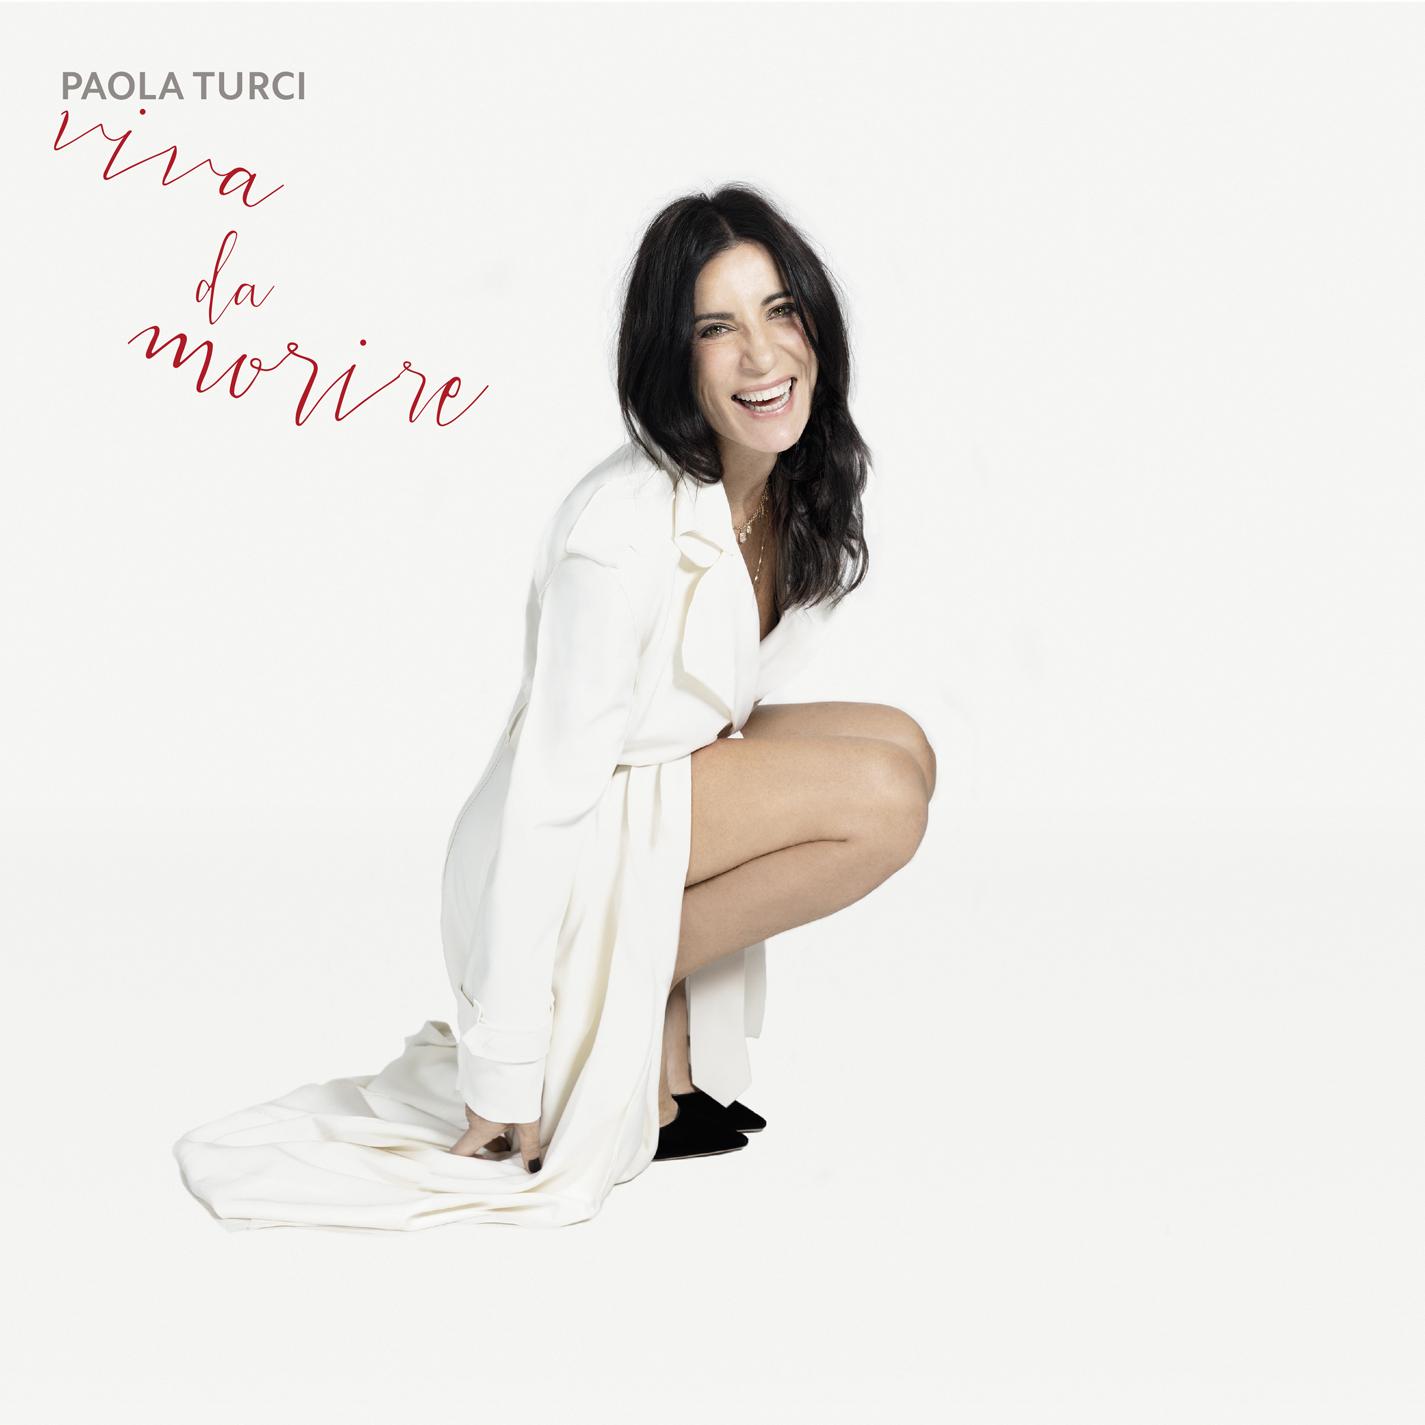 """Musica Italiana, Recensioni. Con """"Viva da morire"""" prosegue la rinascita di Paola Turci"""